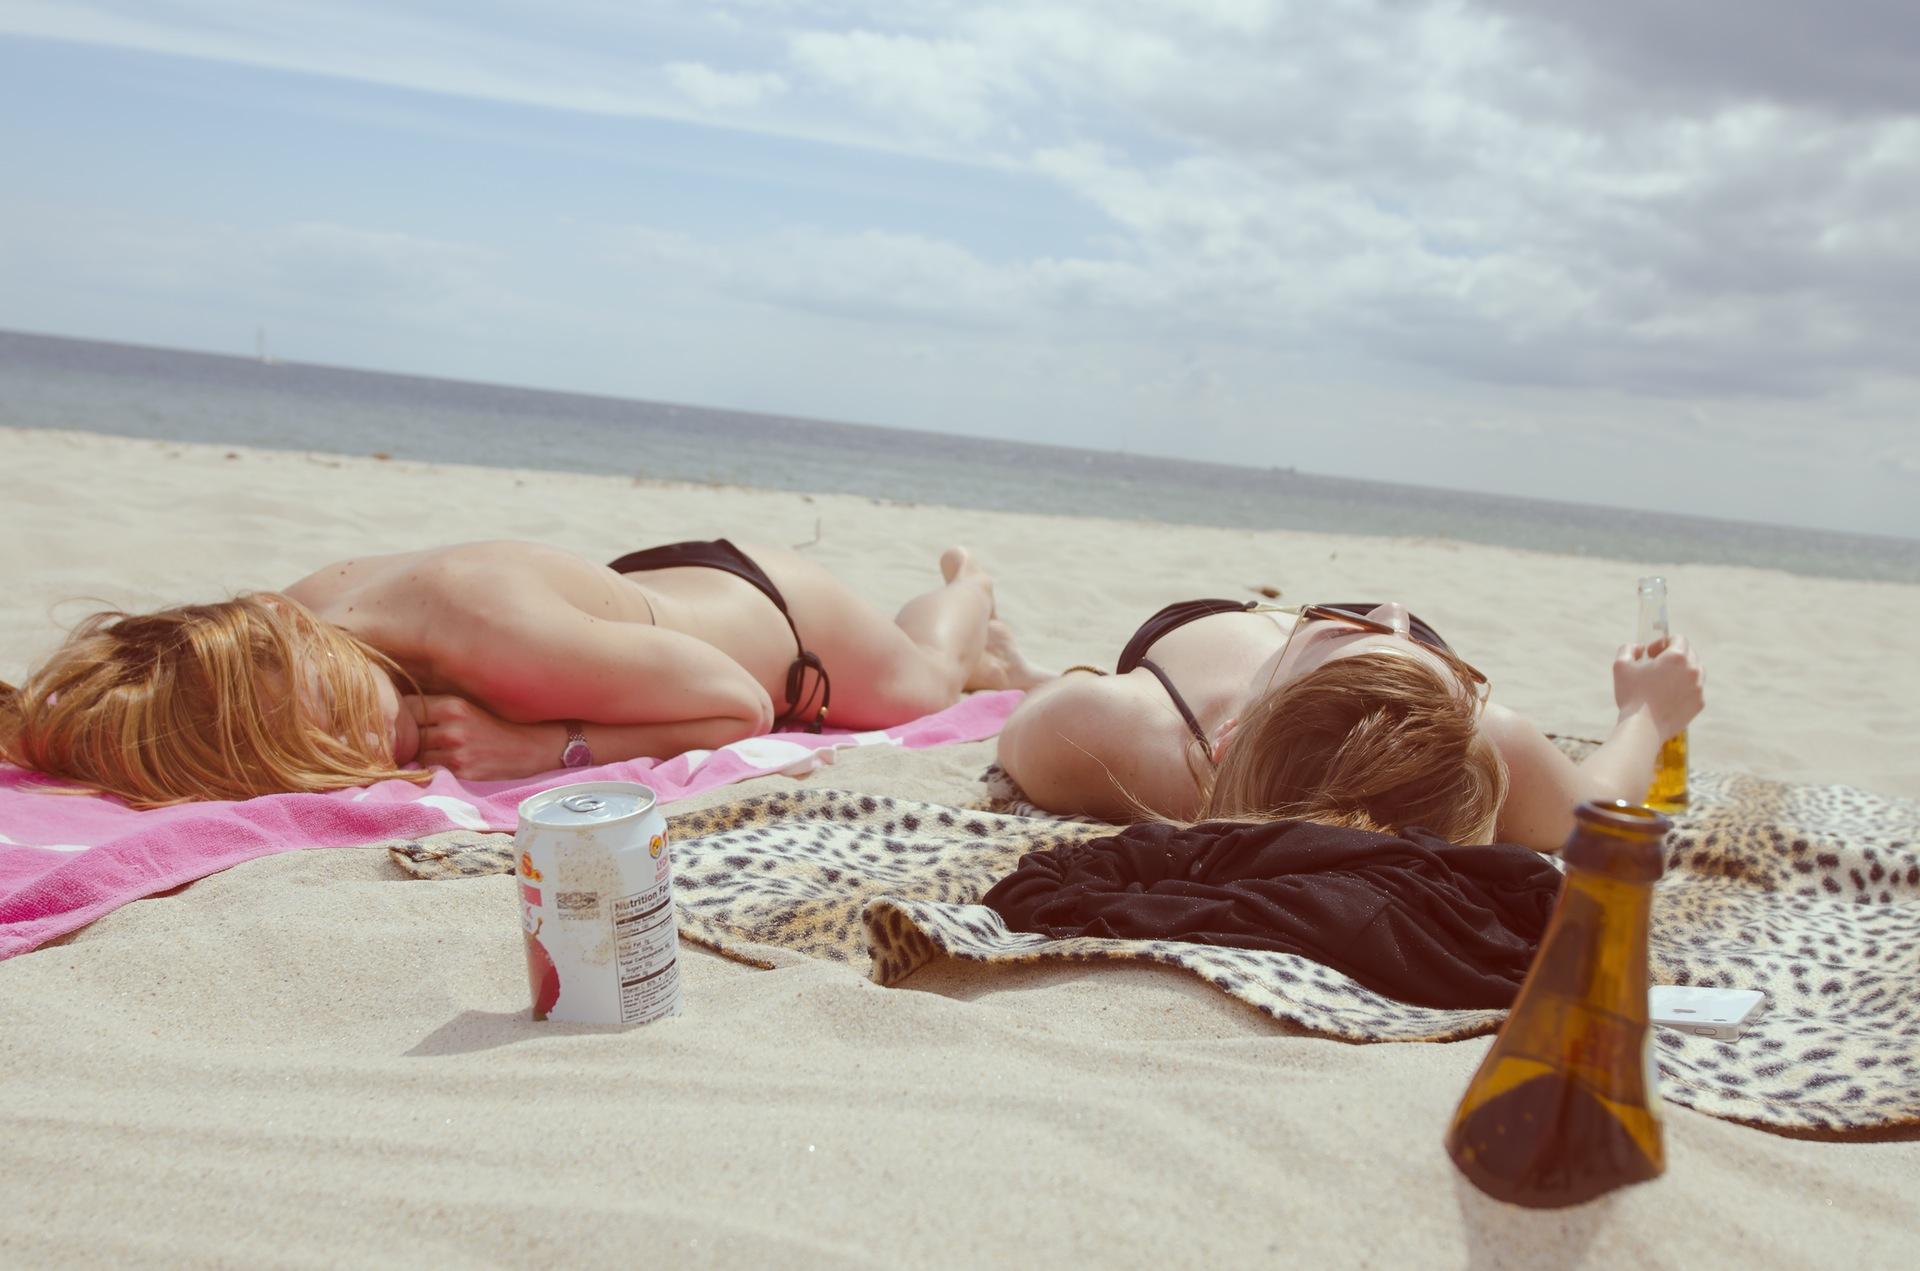 समुद्र तट, सूर्य, रेत, आकाश, आराम, सागर - HD वॉलपेपर - प्रोफेसर-falken.com